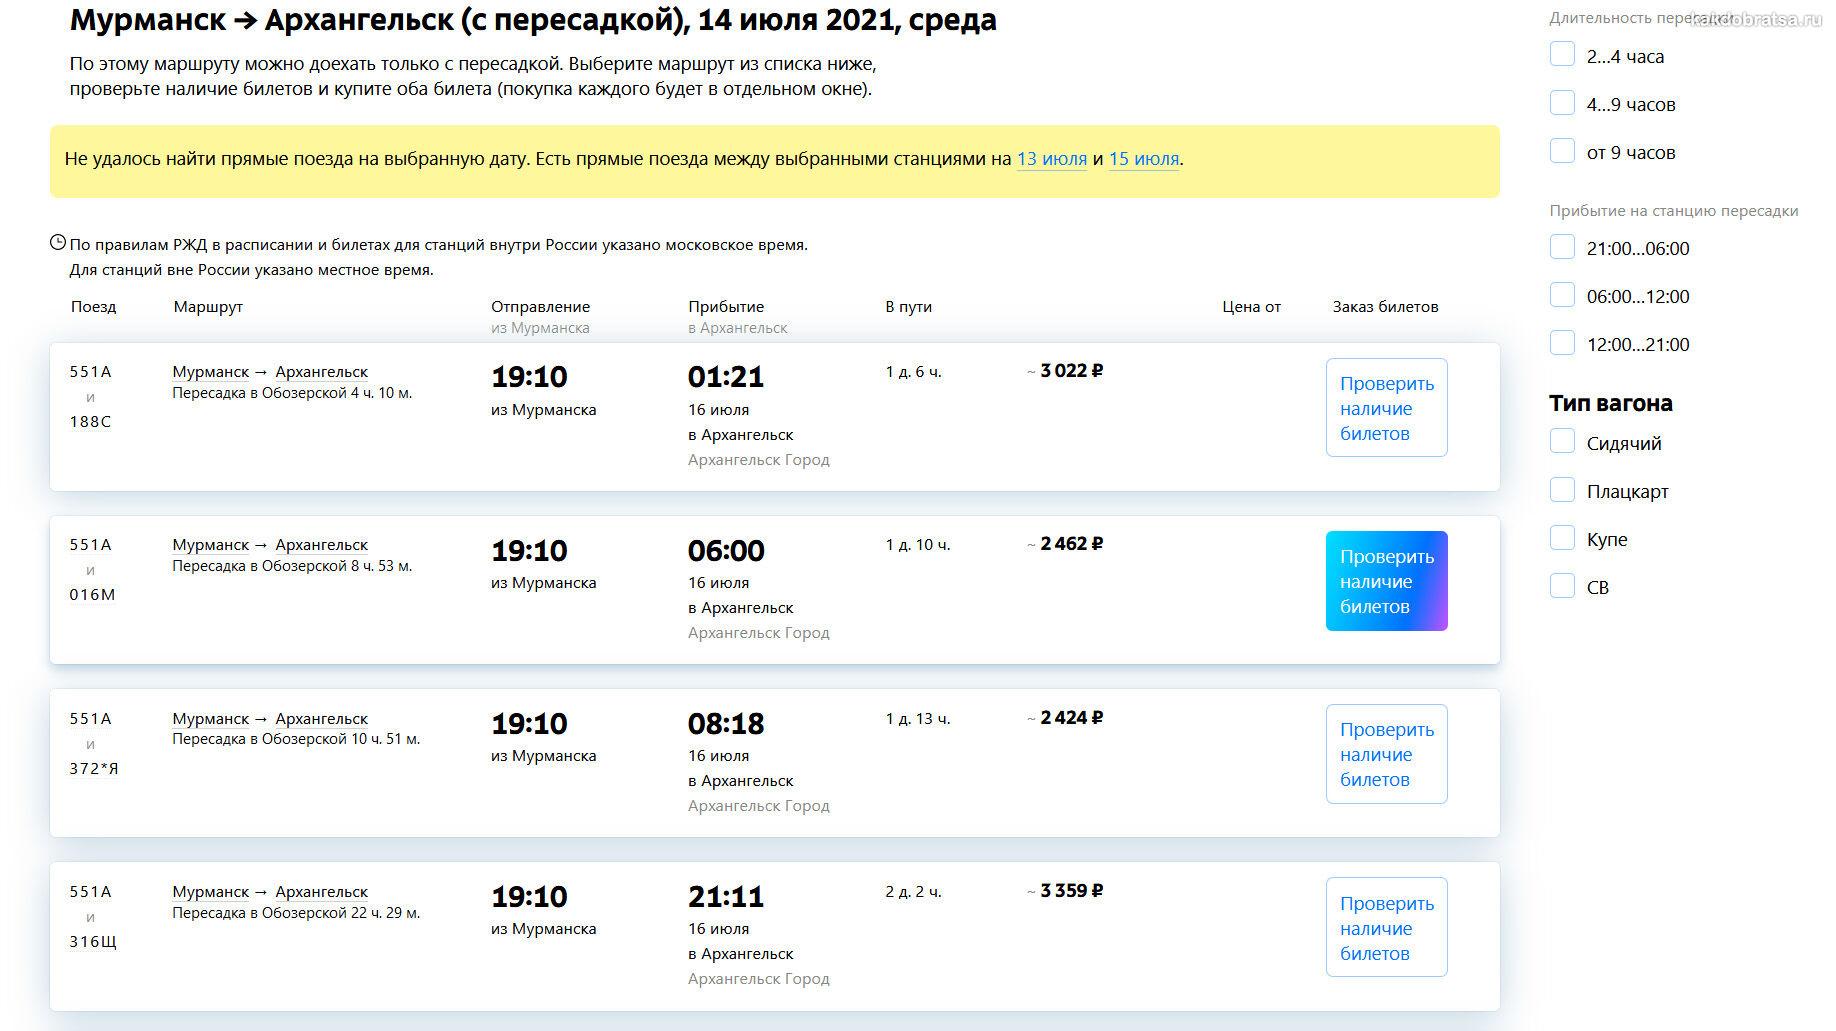 График движения поездов из Мурманска в Архангельск